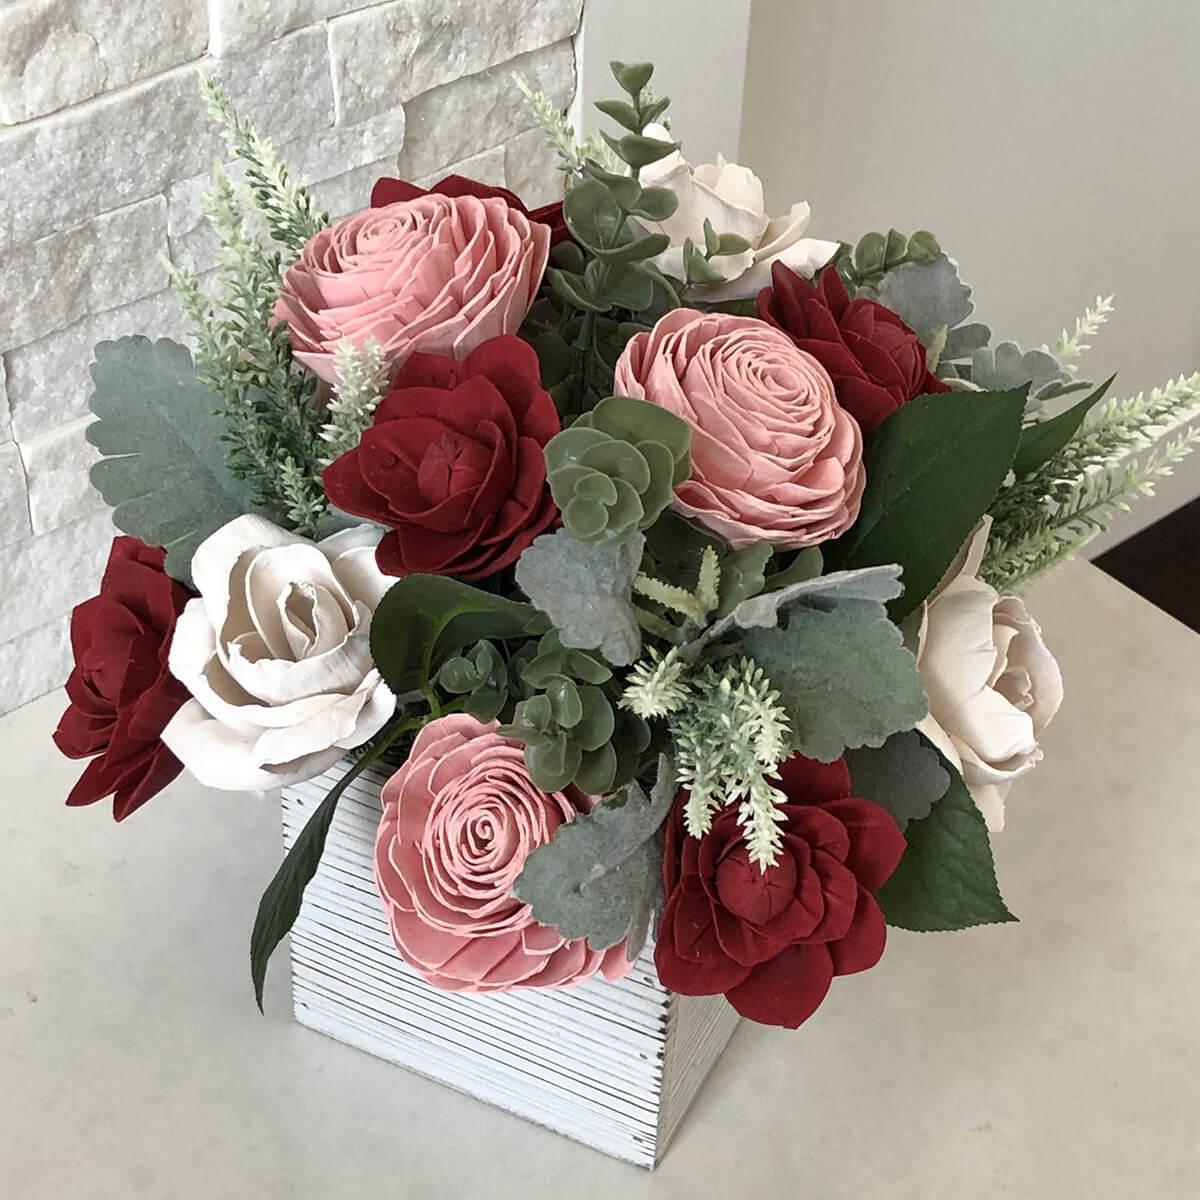 Be Mine Valentine's Day Flower Arrangement